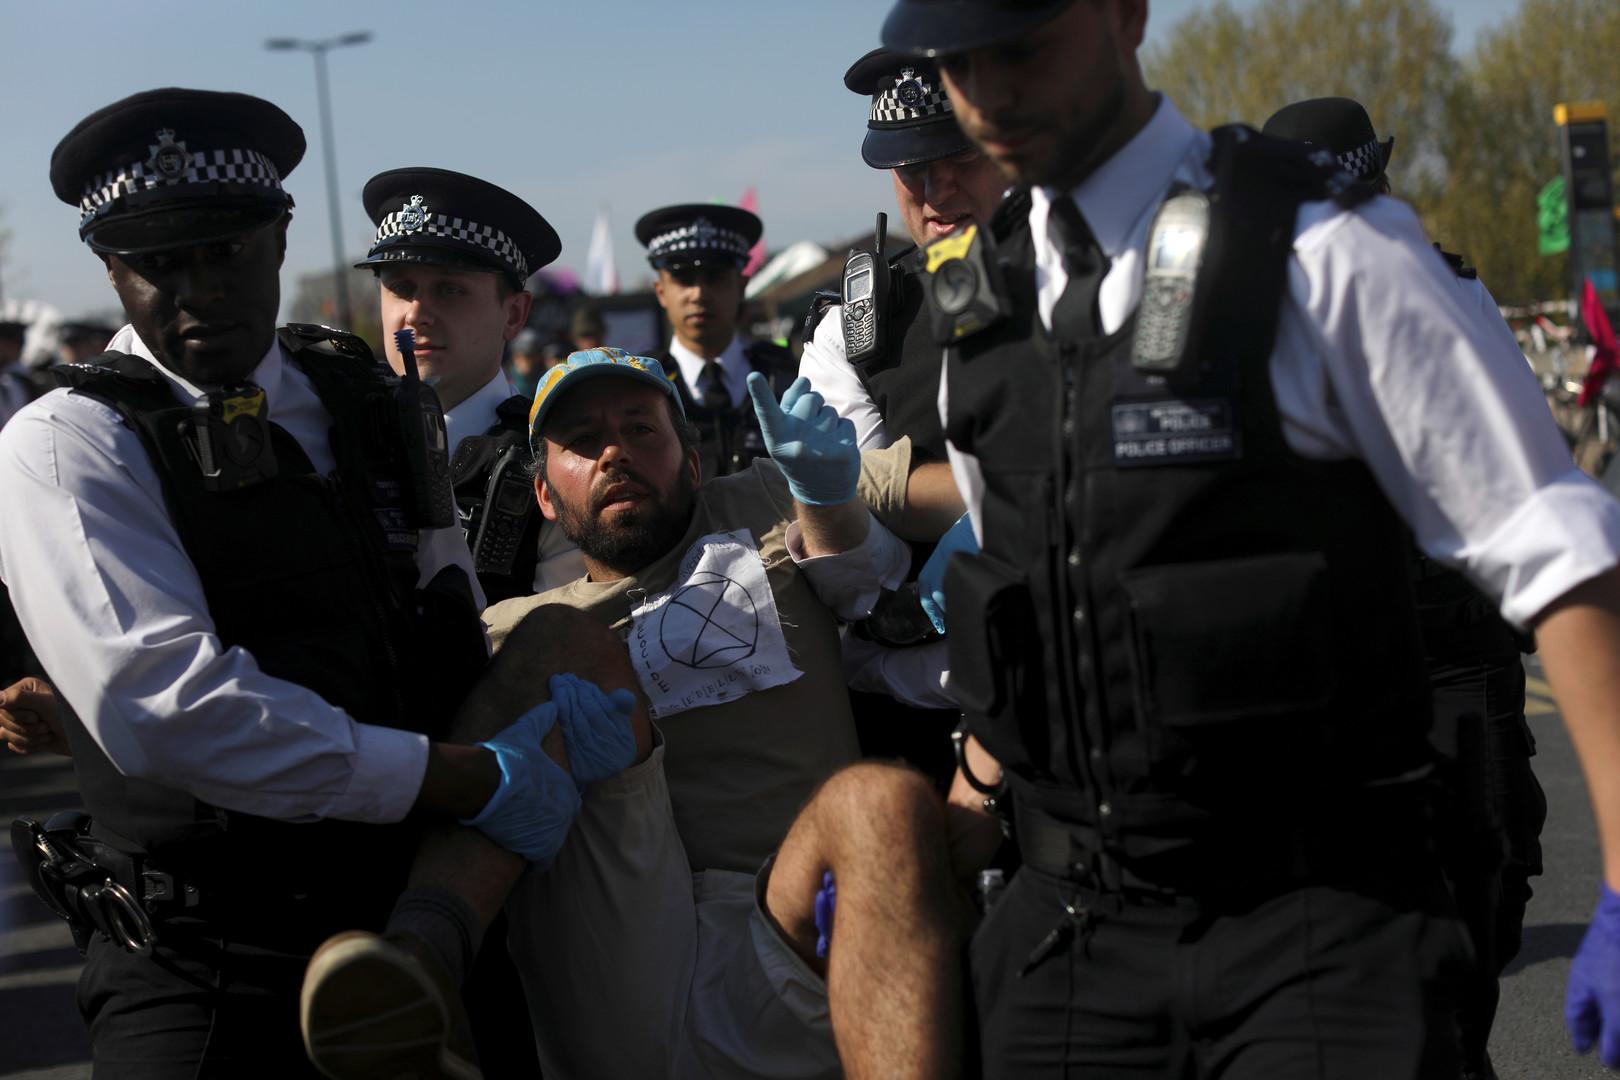 الشرطة البريطانية تعتقل أحد المتظاهرين في لندن